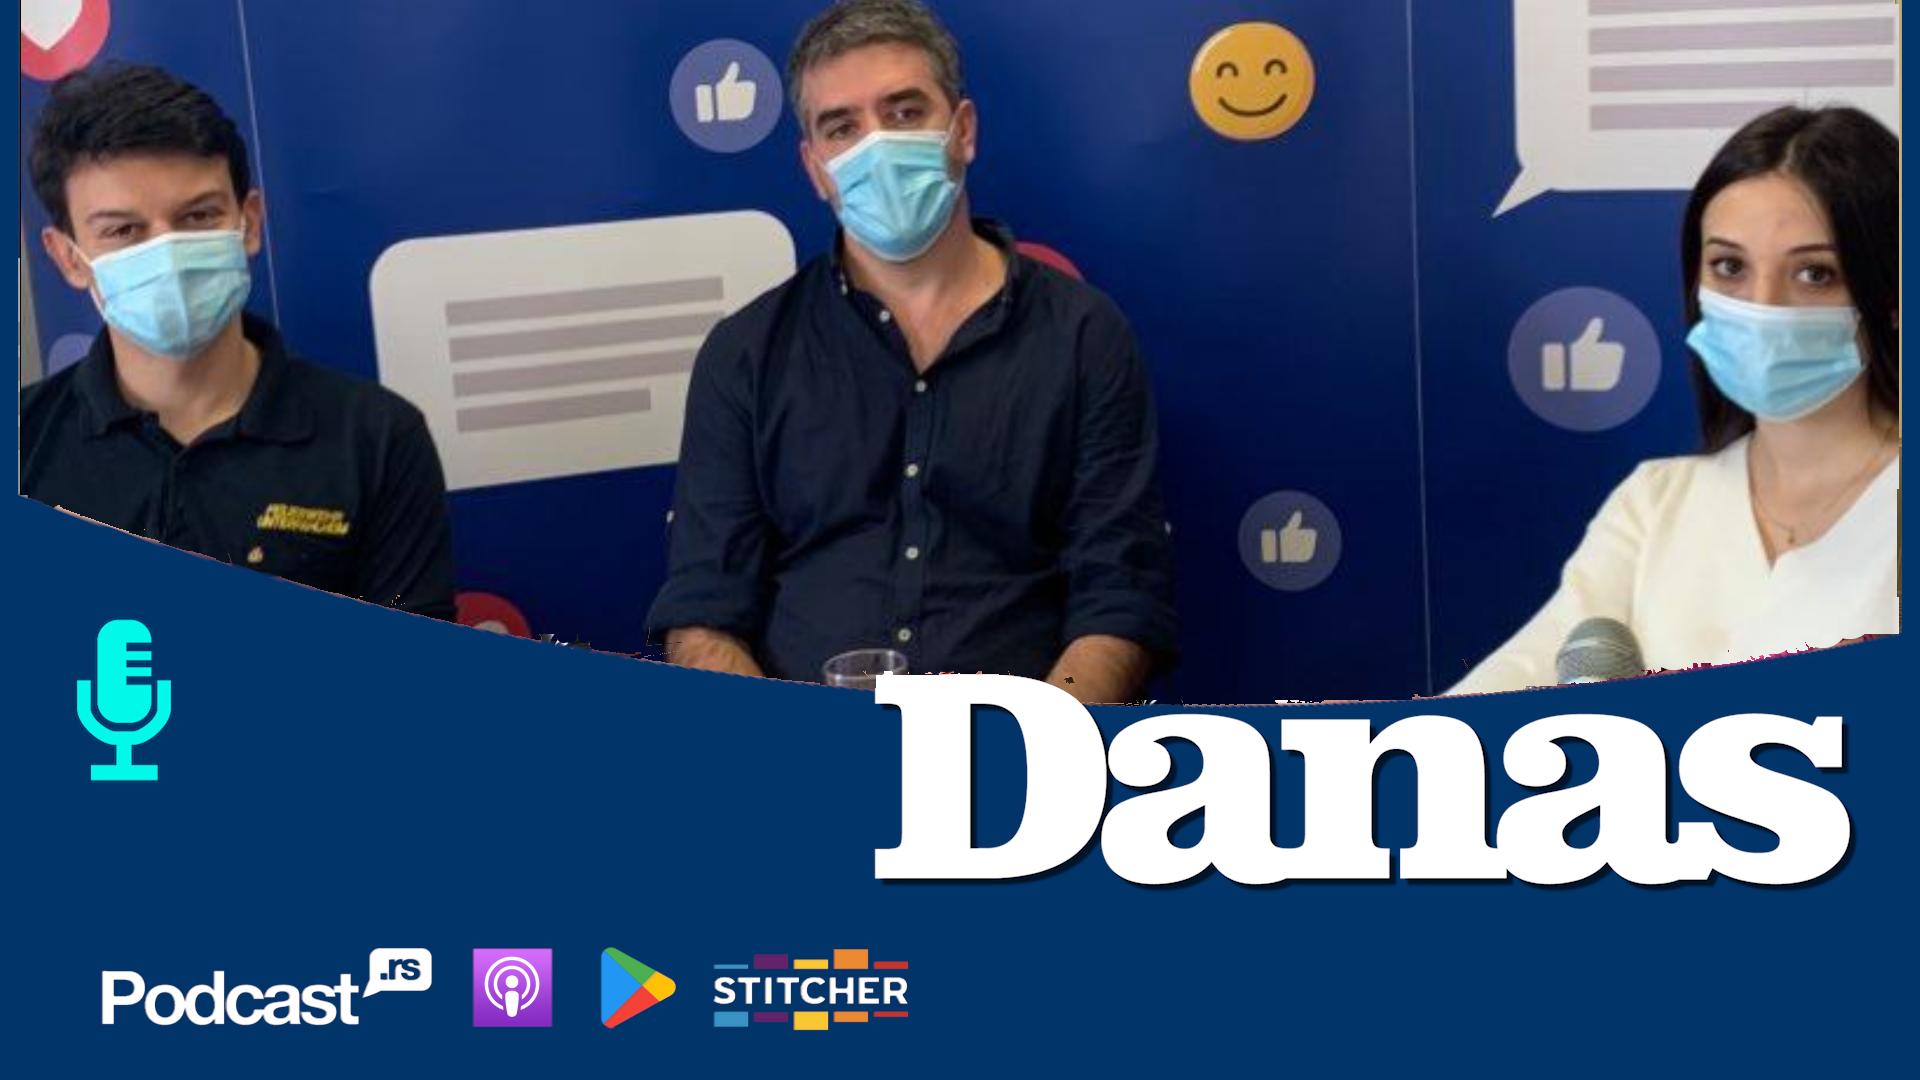 Danas podkast: Rodbinske veze i vlast u Srbiji 1